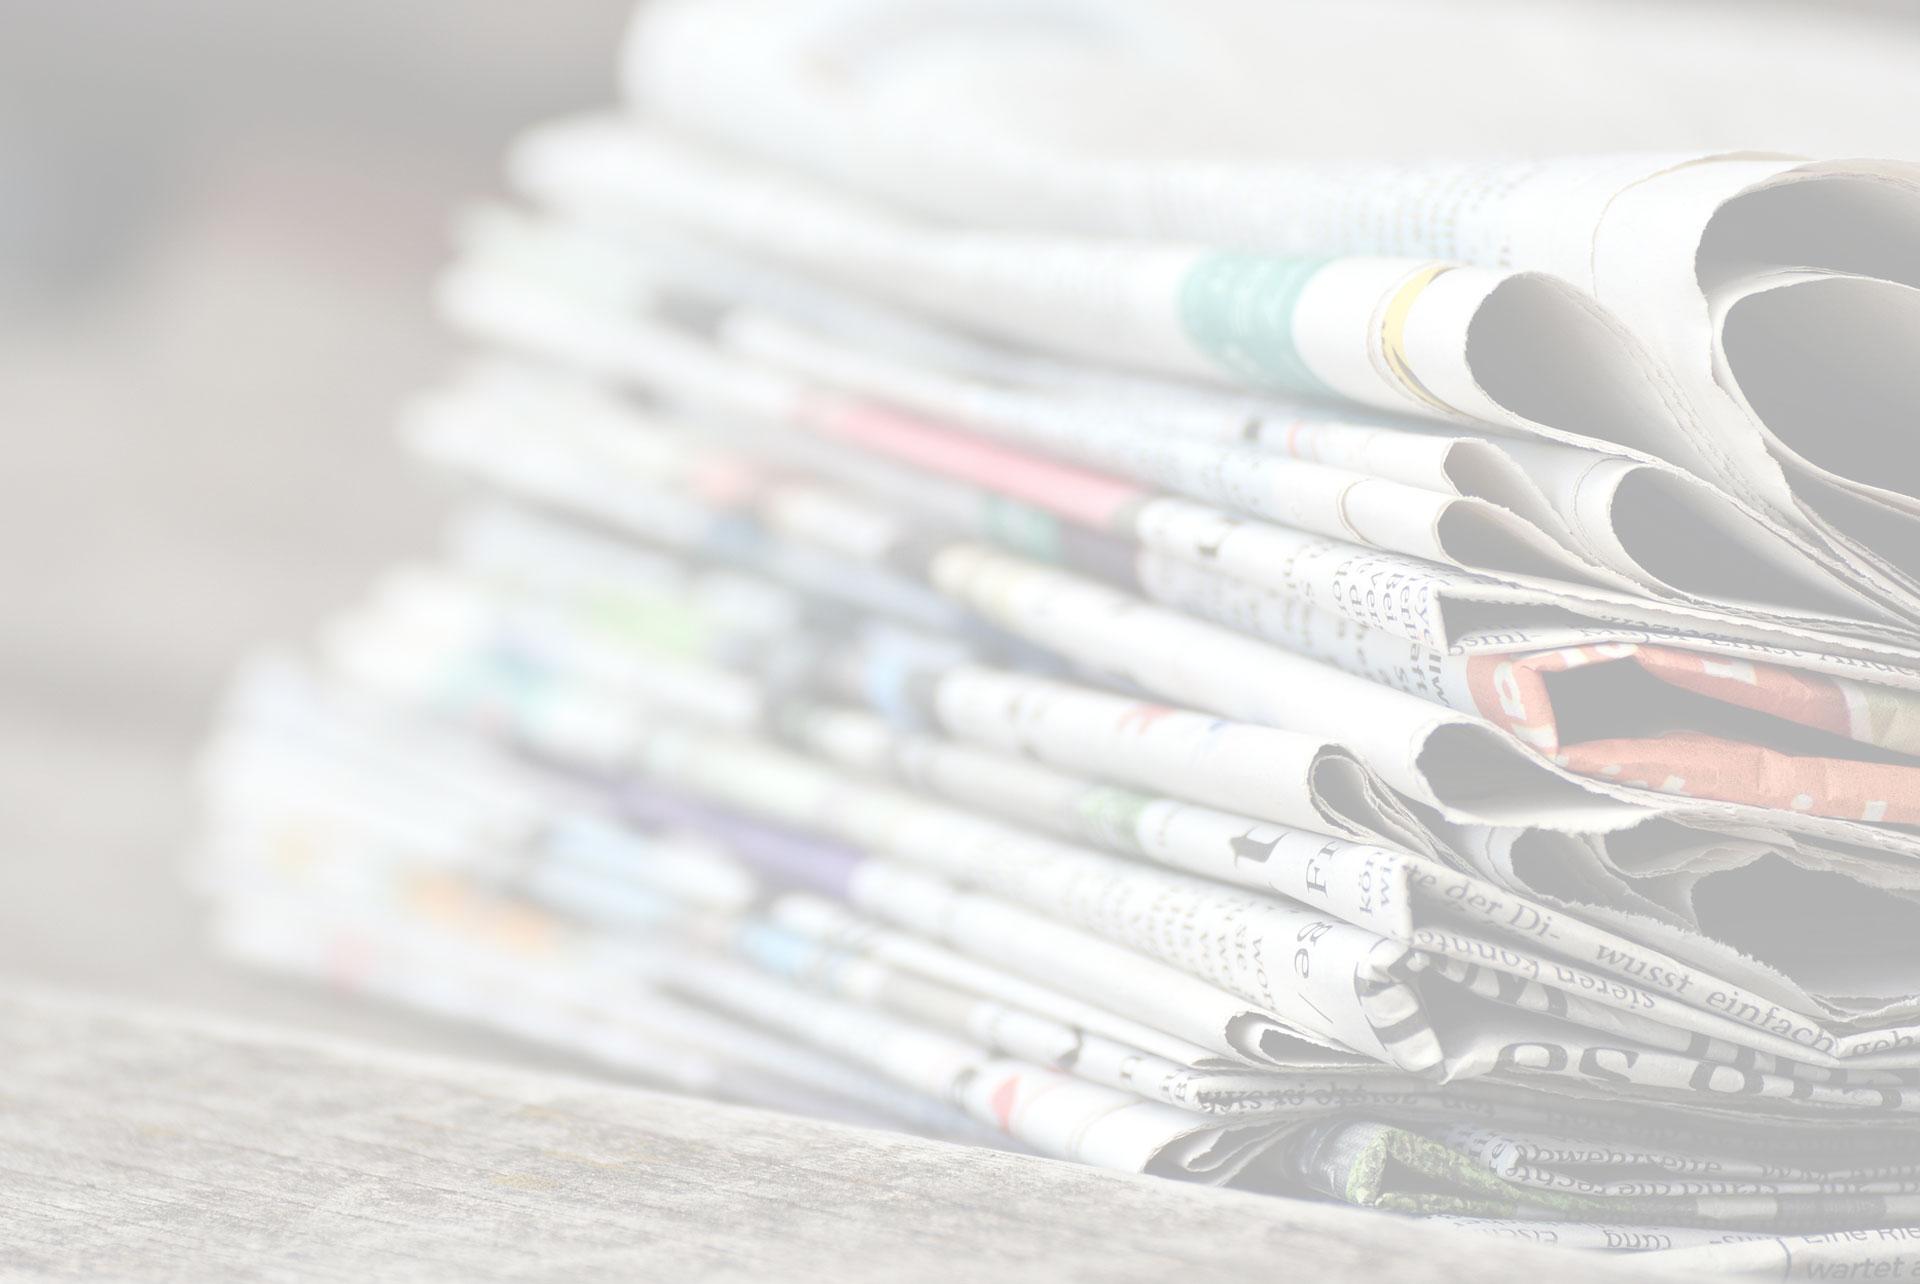 Parigi aereo evacuato